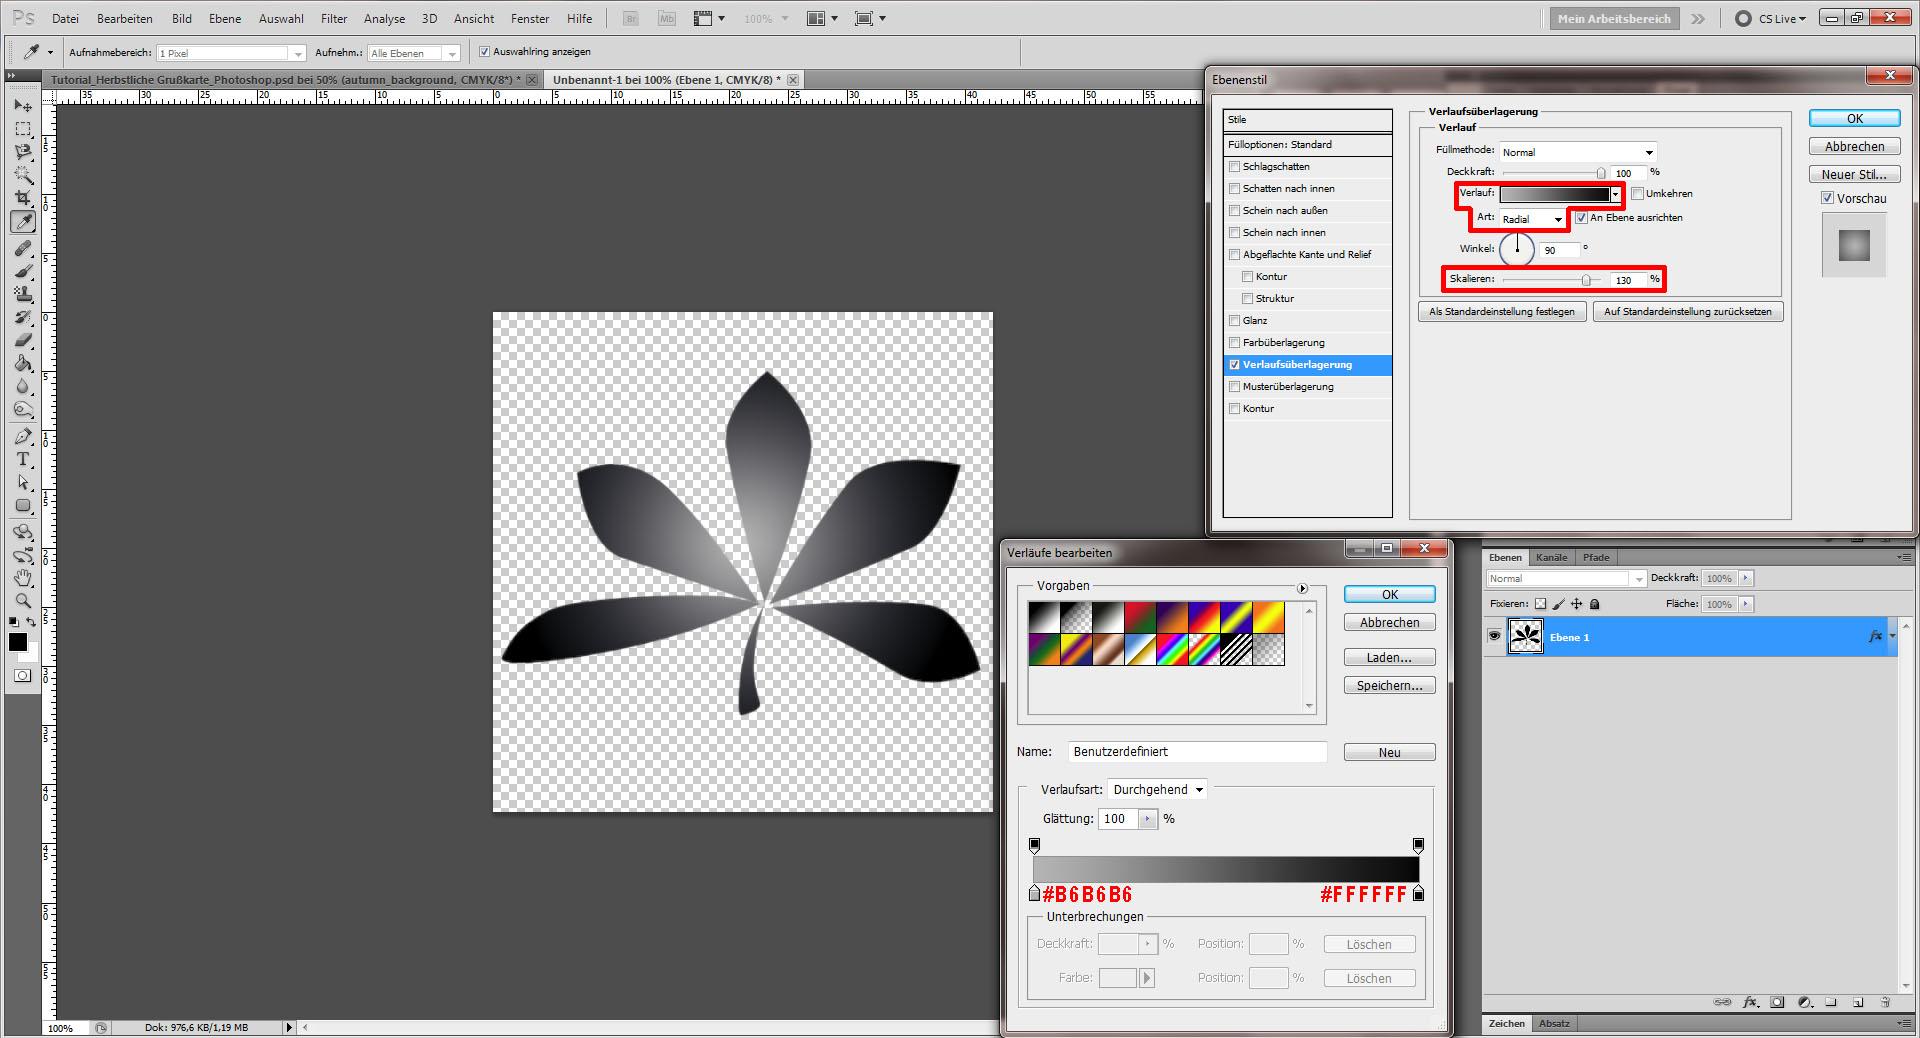 Atemberaubend Grußkarte Photoshop Vorlage Galerie - Entry Level ...